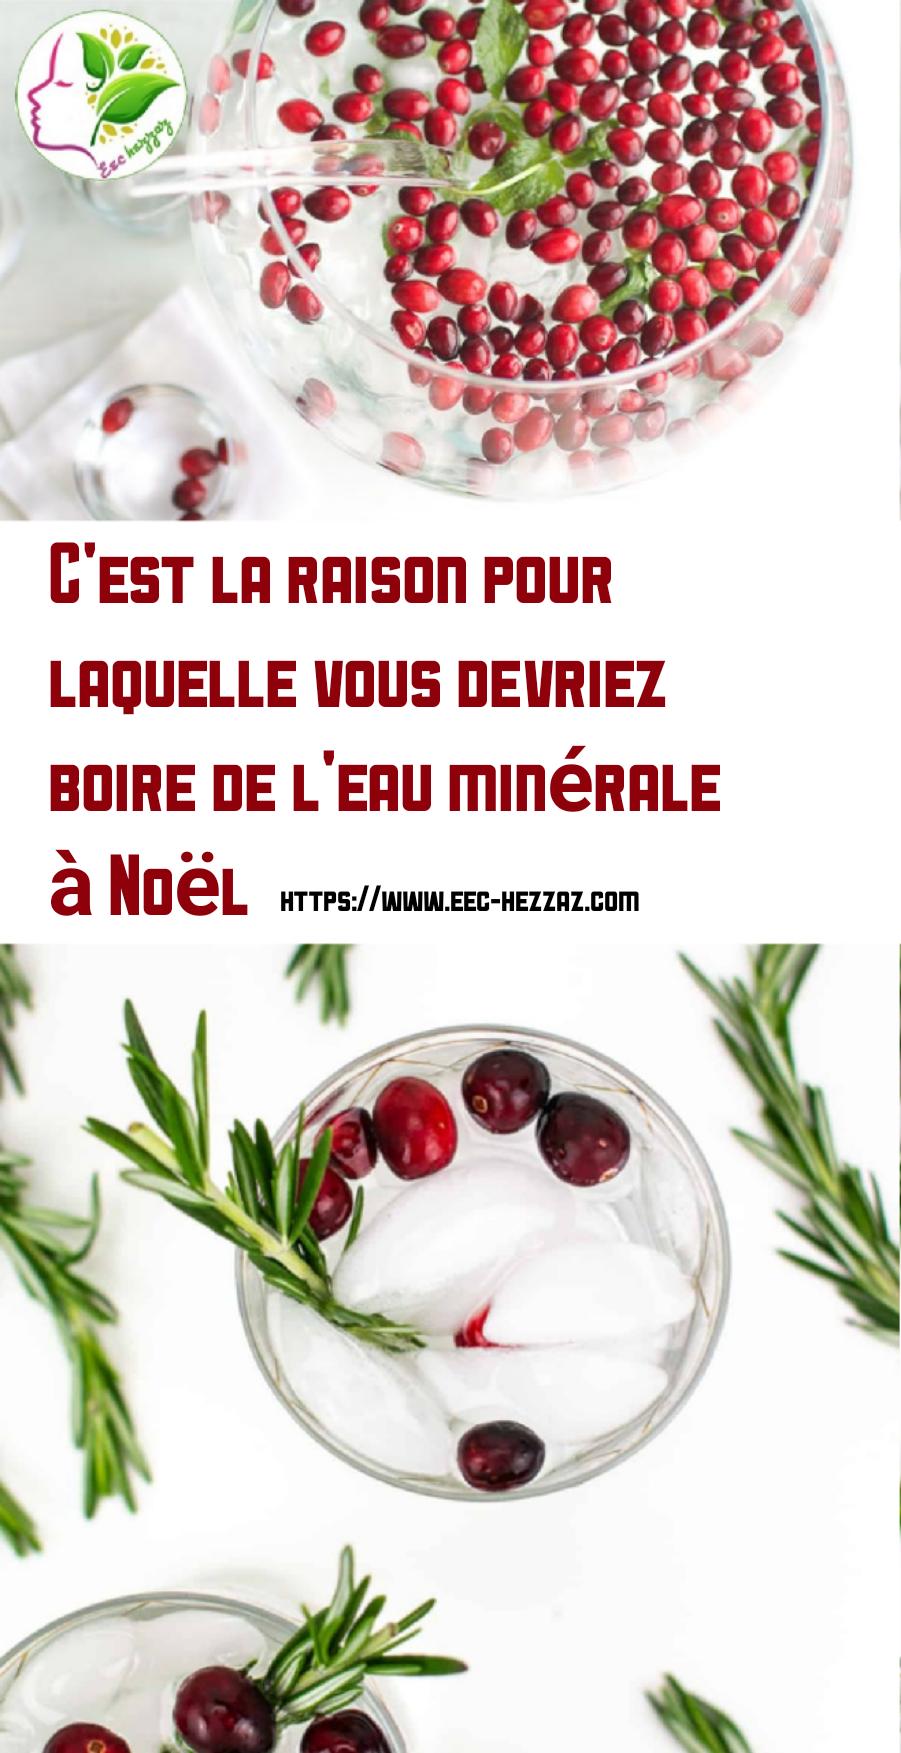 C'est la raison pour laquelle vous devriez boire de l'eau minérale à Noël